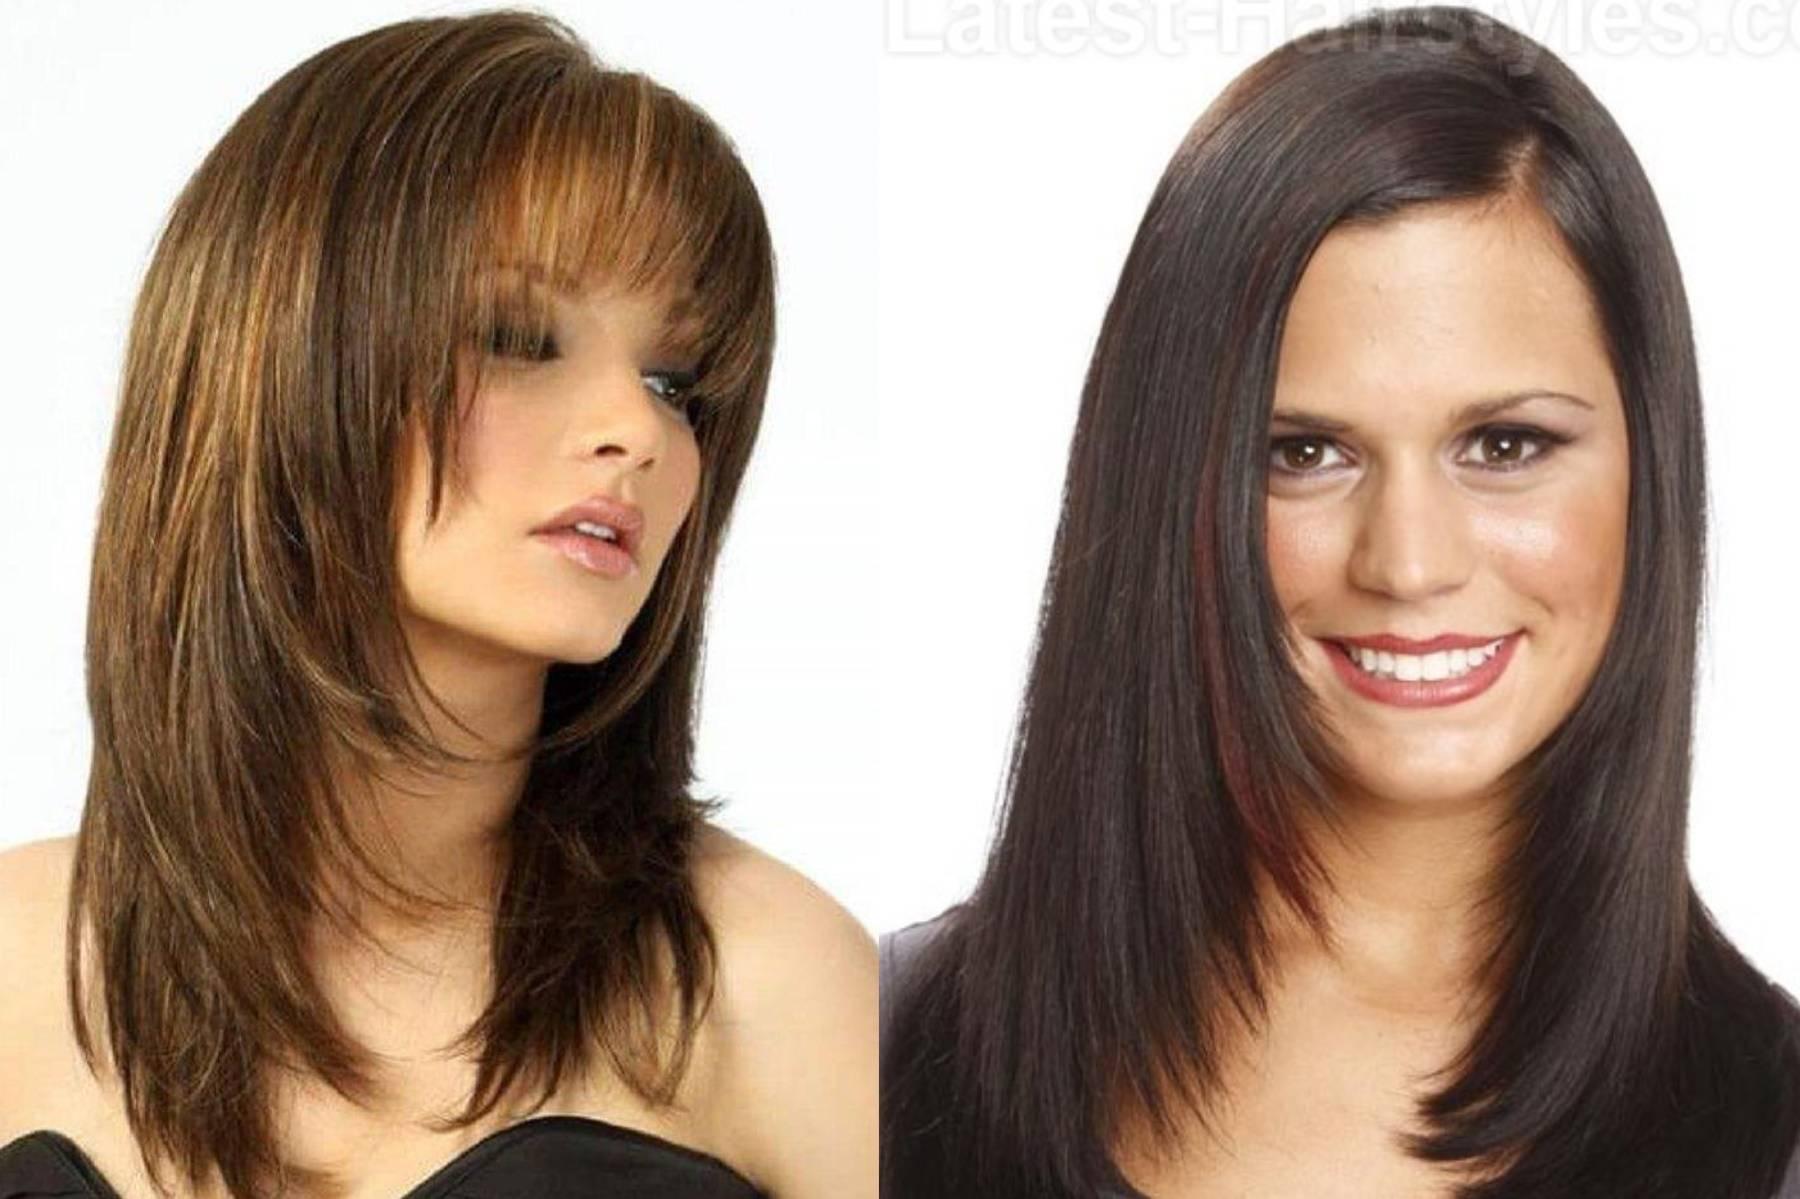 Cтрижки на средние волосы: 10 новинок! (фото)